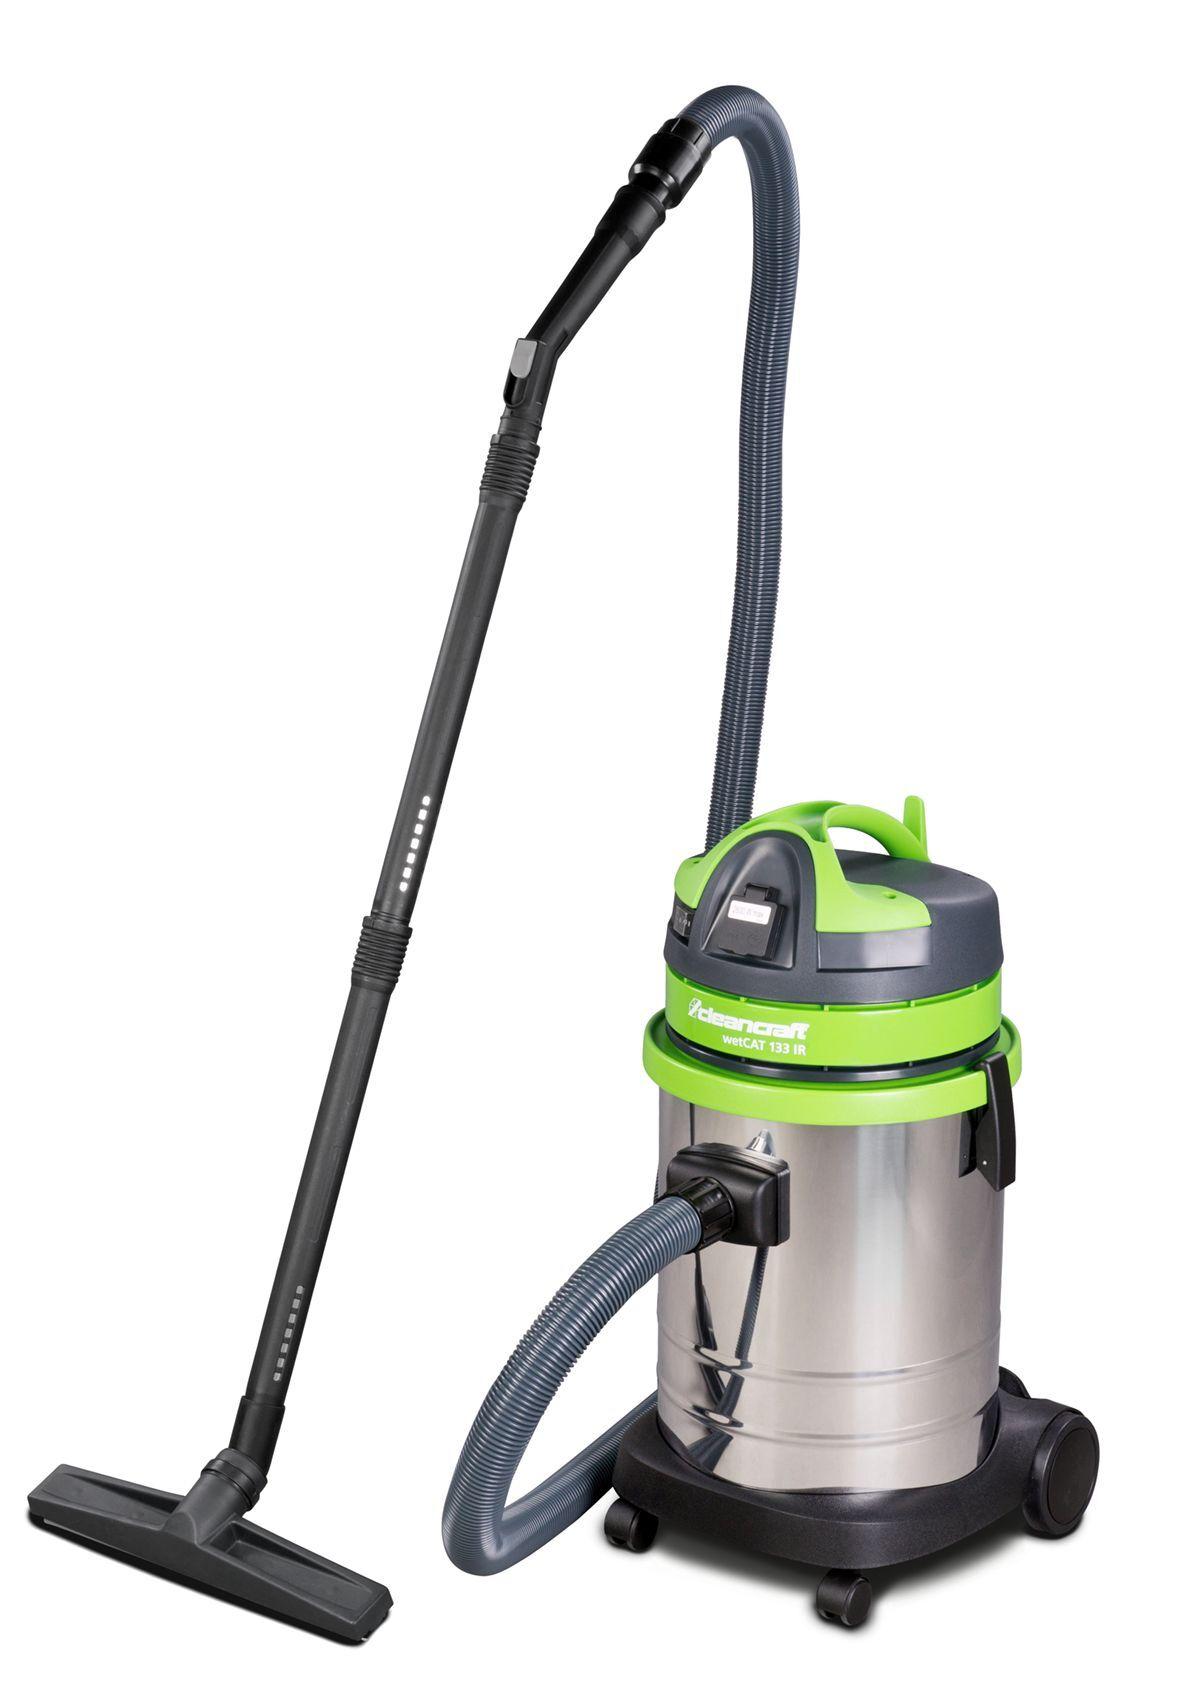 Cleancraft Aspirateur sans sac industriel 2300W, 33L (eau et poussière) Cleancraft WETCAT 133 IR